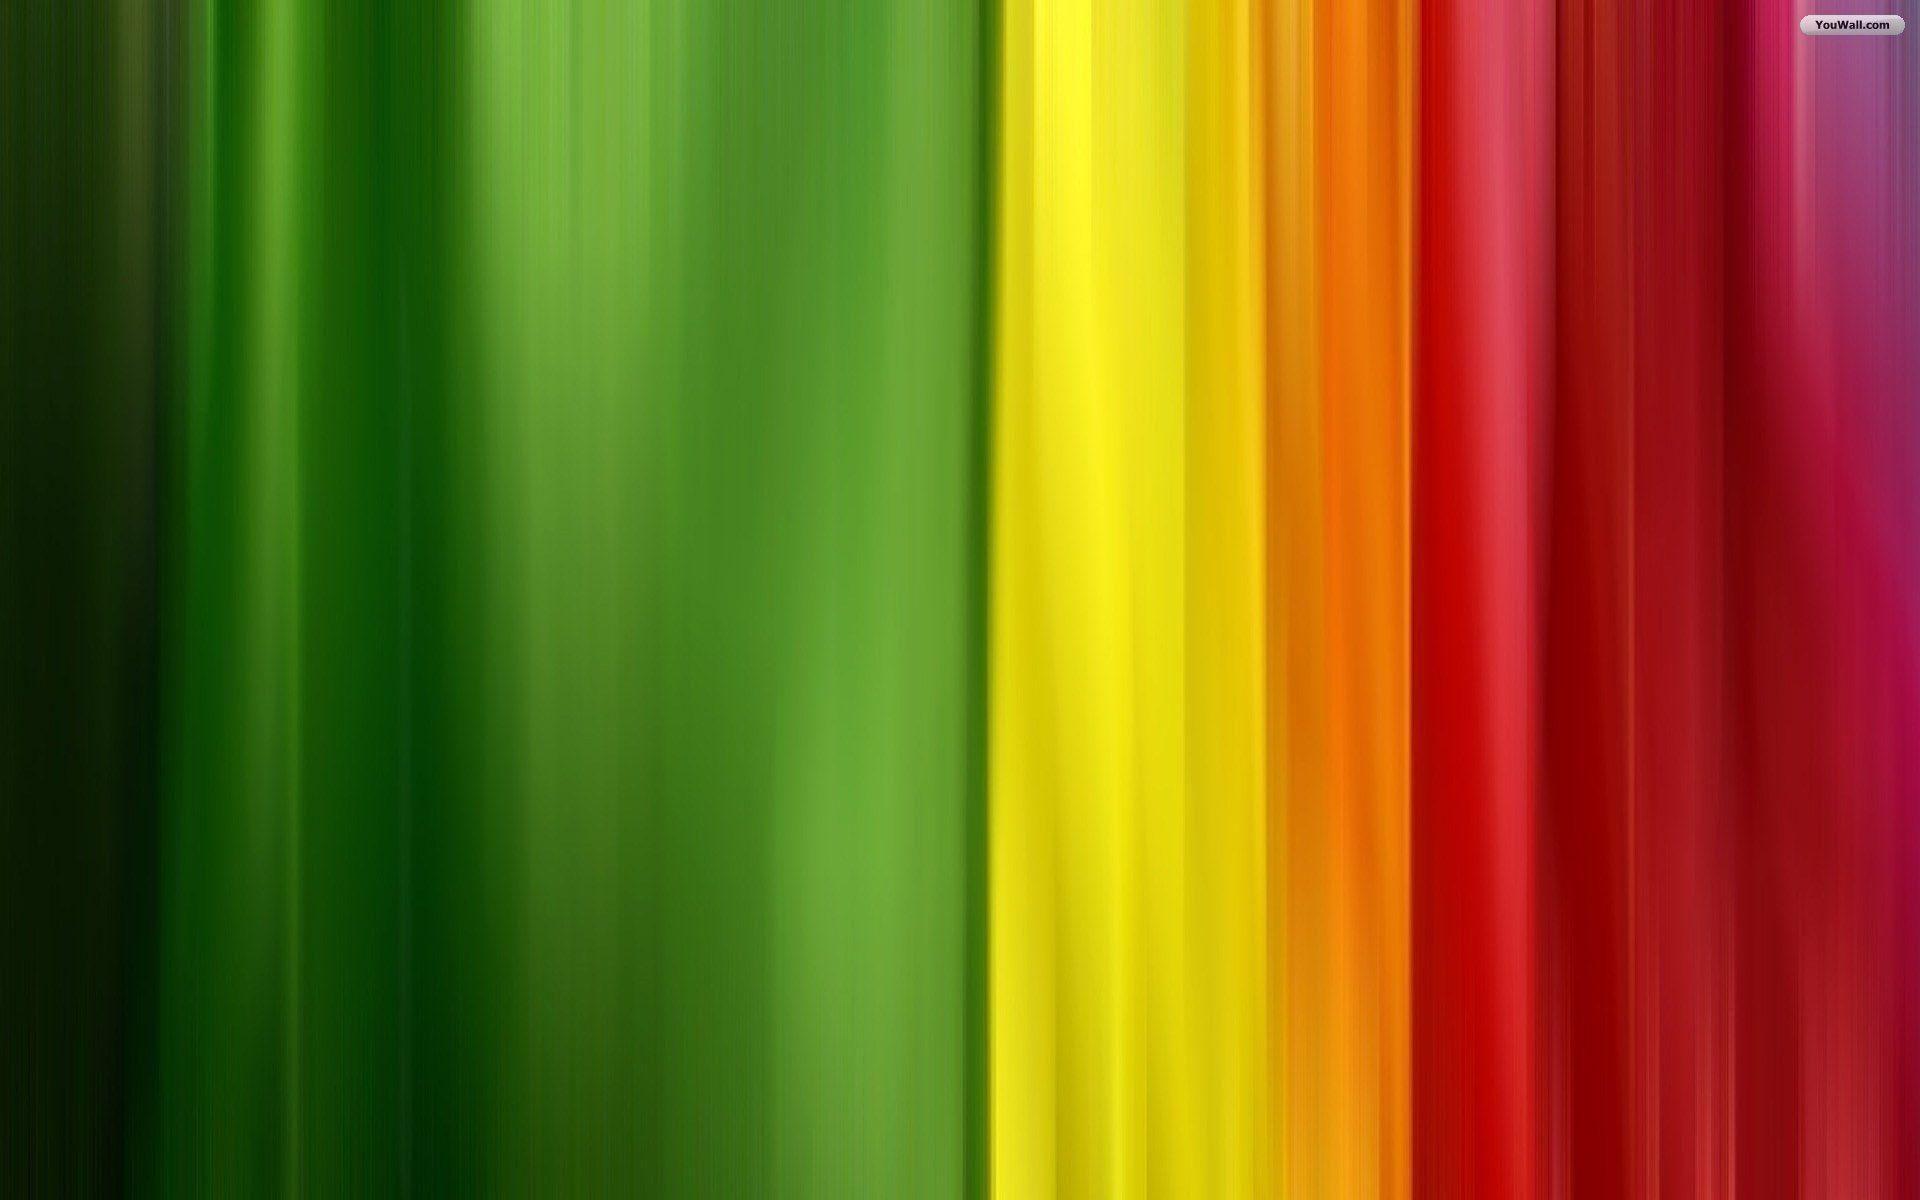 Imagenes De Reggae Wallpapers 83 Wallpapers Hd Wallpapers Com